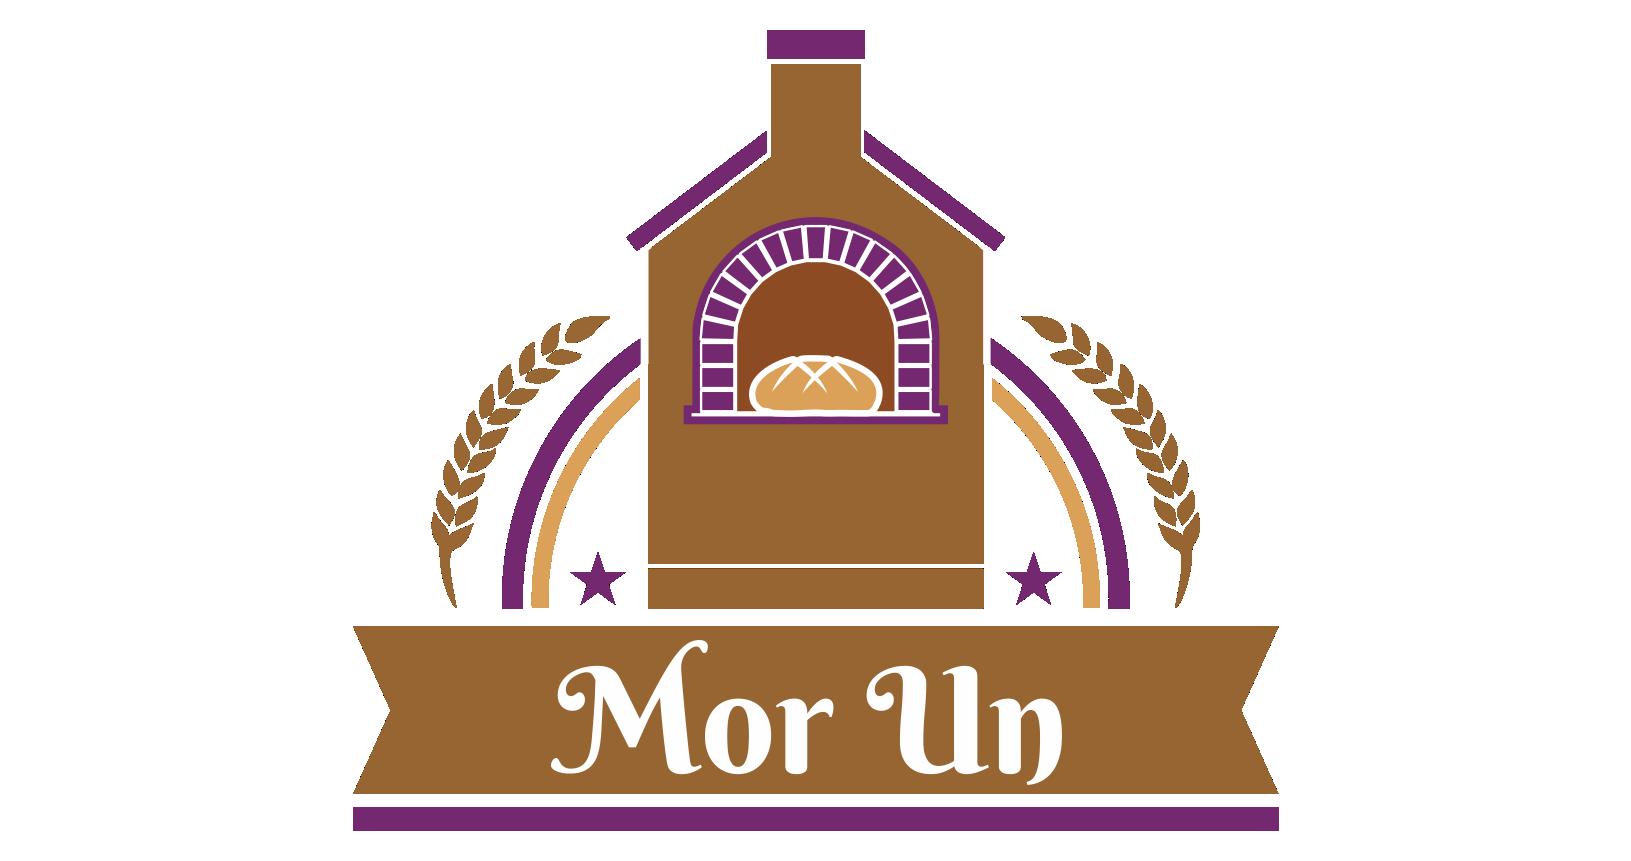 kaptanlar-ekmeklik-firin-mor-un-logo